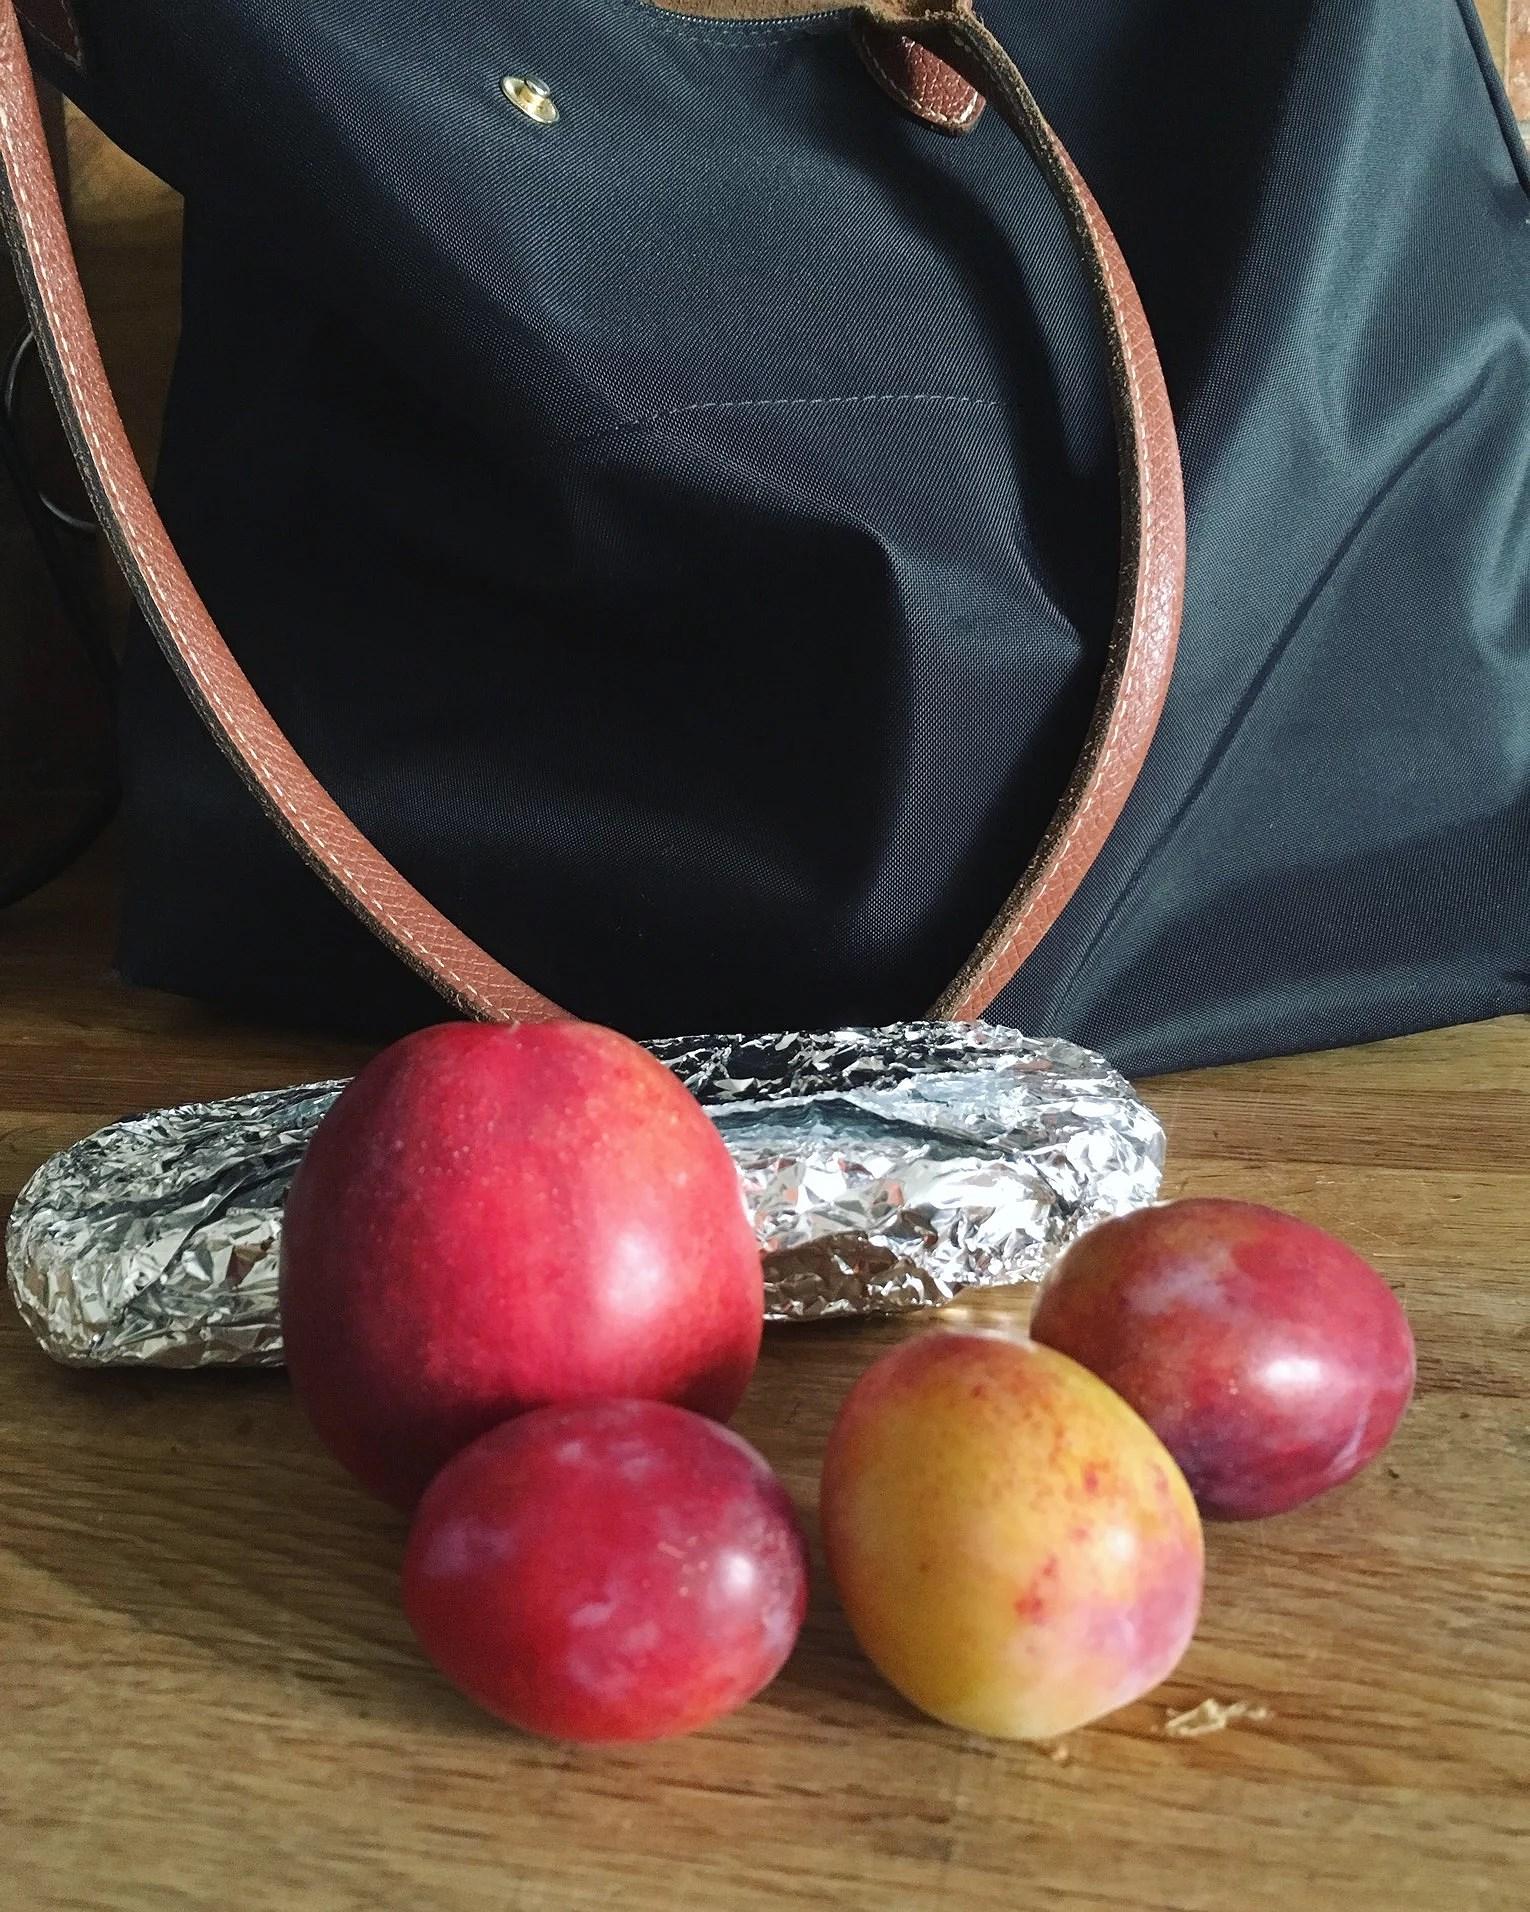 Packa frukost